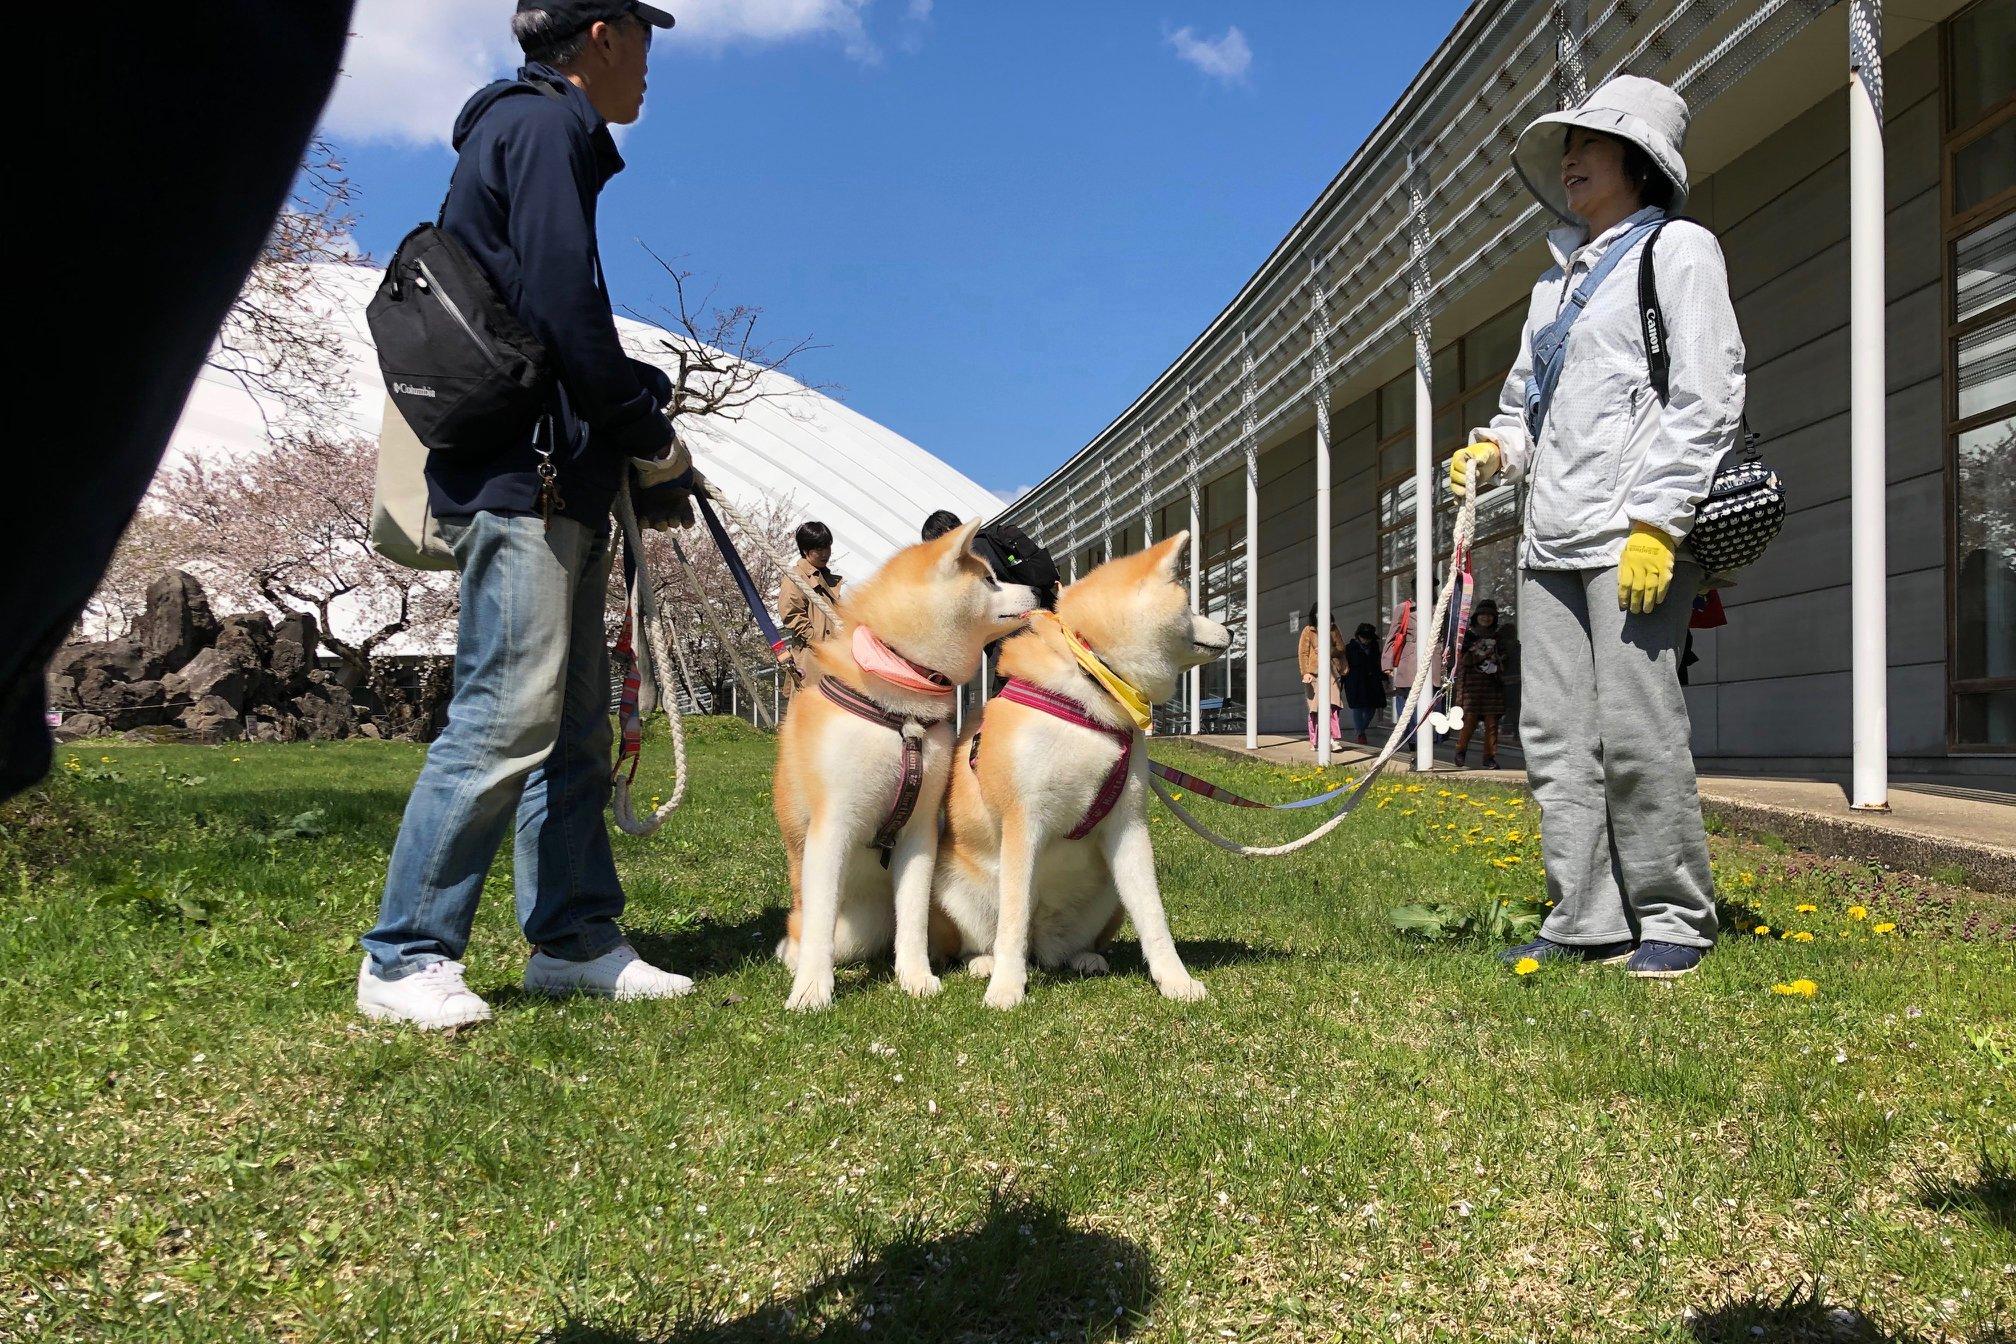 秋田犬に会いに行く◆第140回 秋田犬保存会本部展覧会